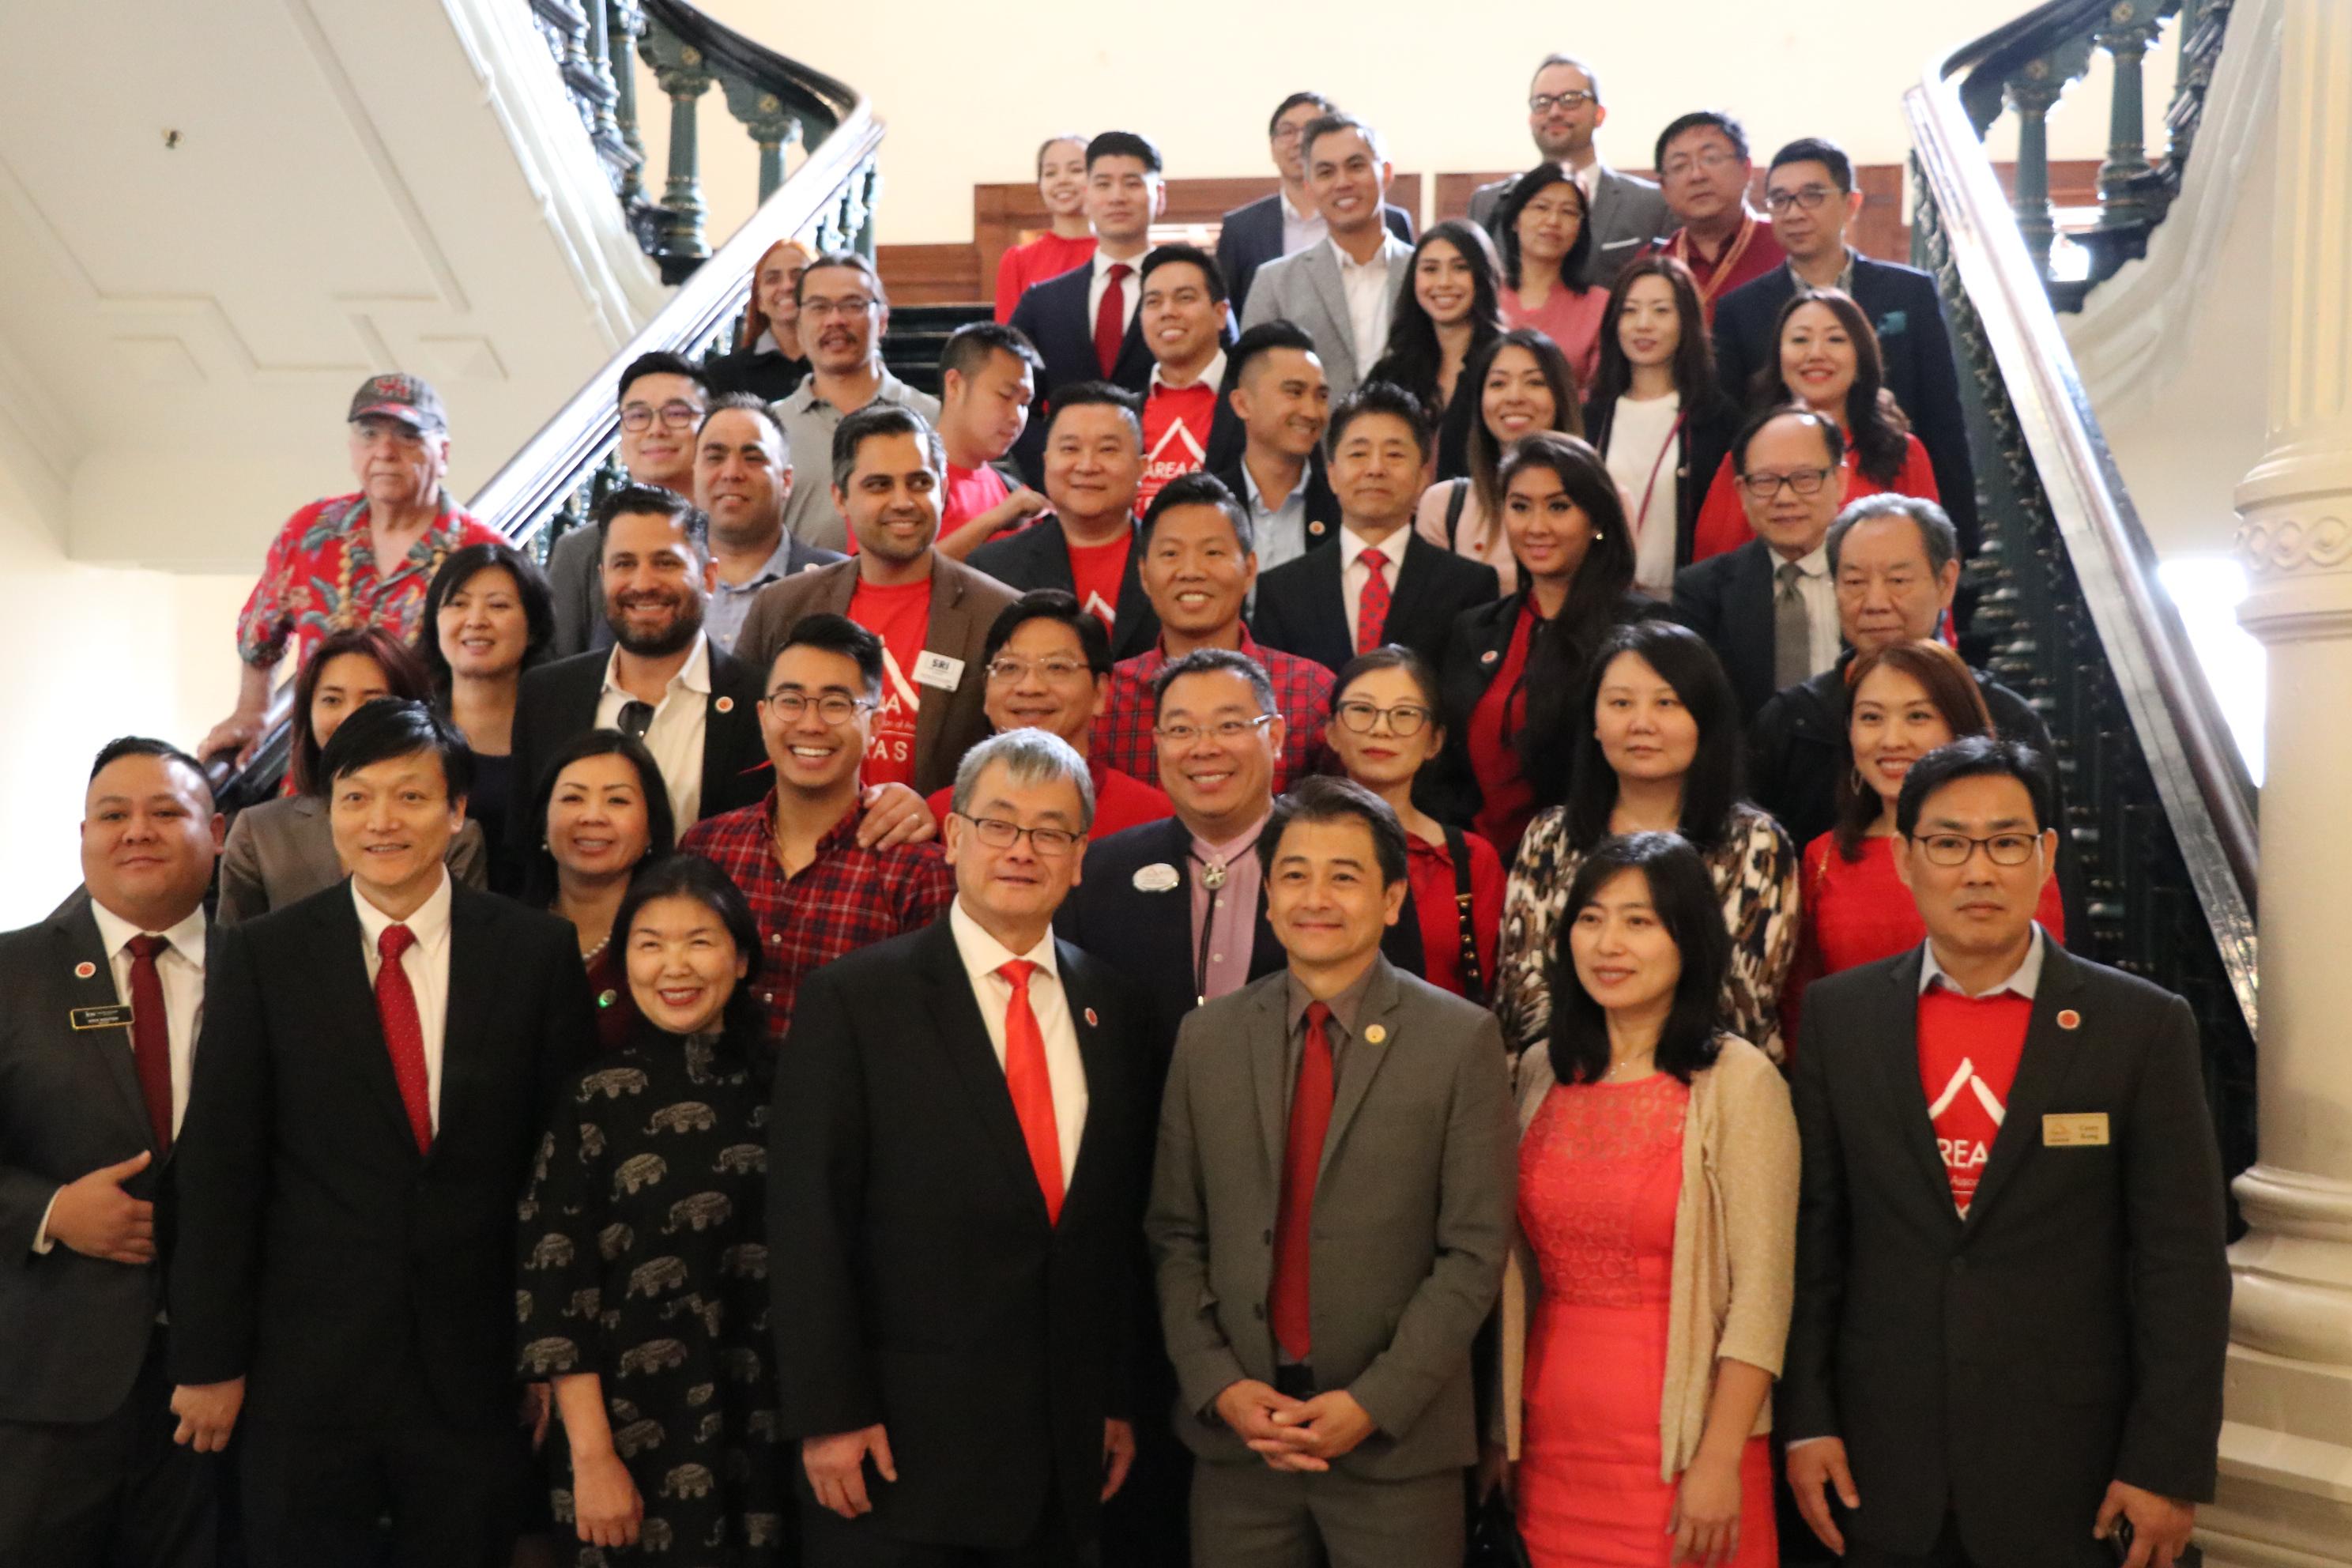 亞裔地產協會會員在德州議會迴廊樓梯上合影。